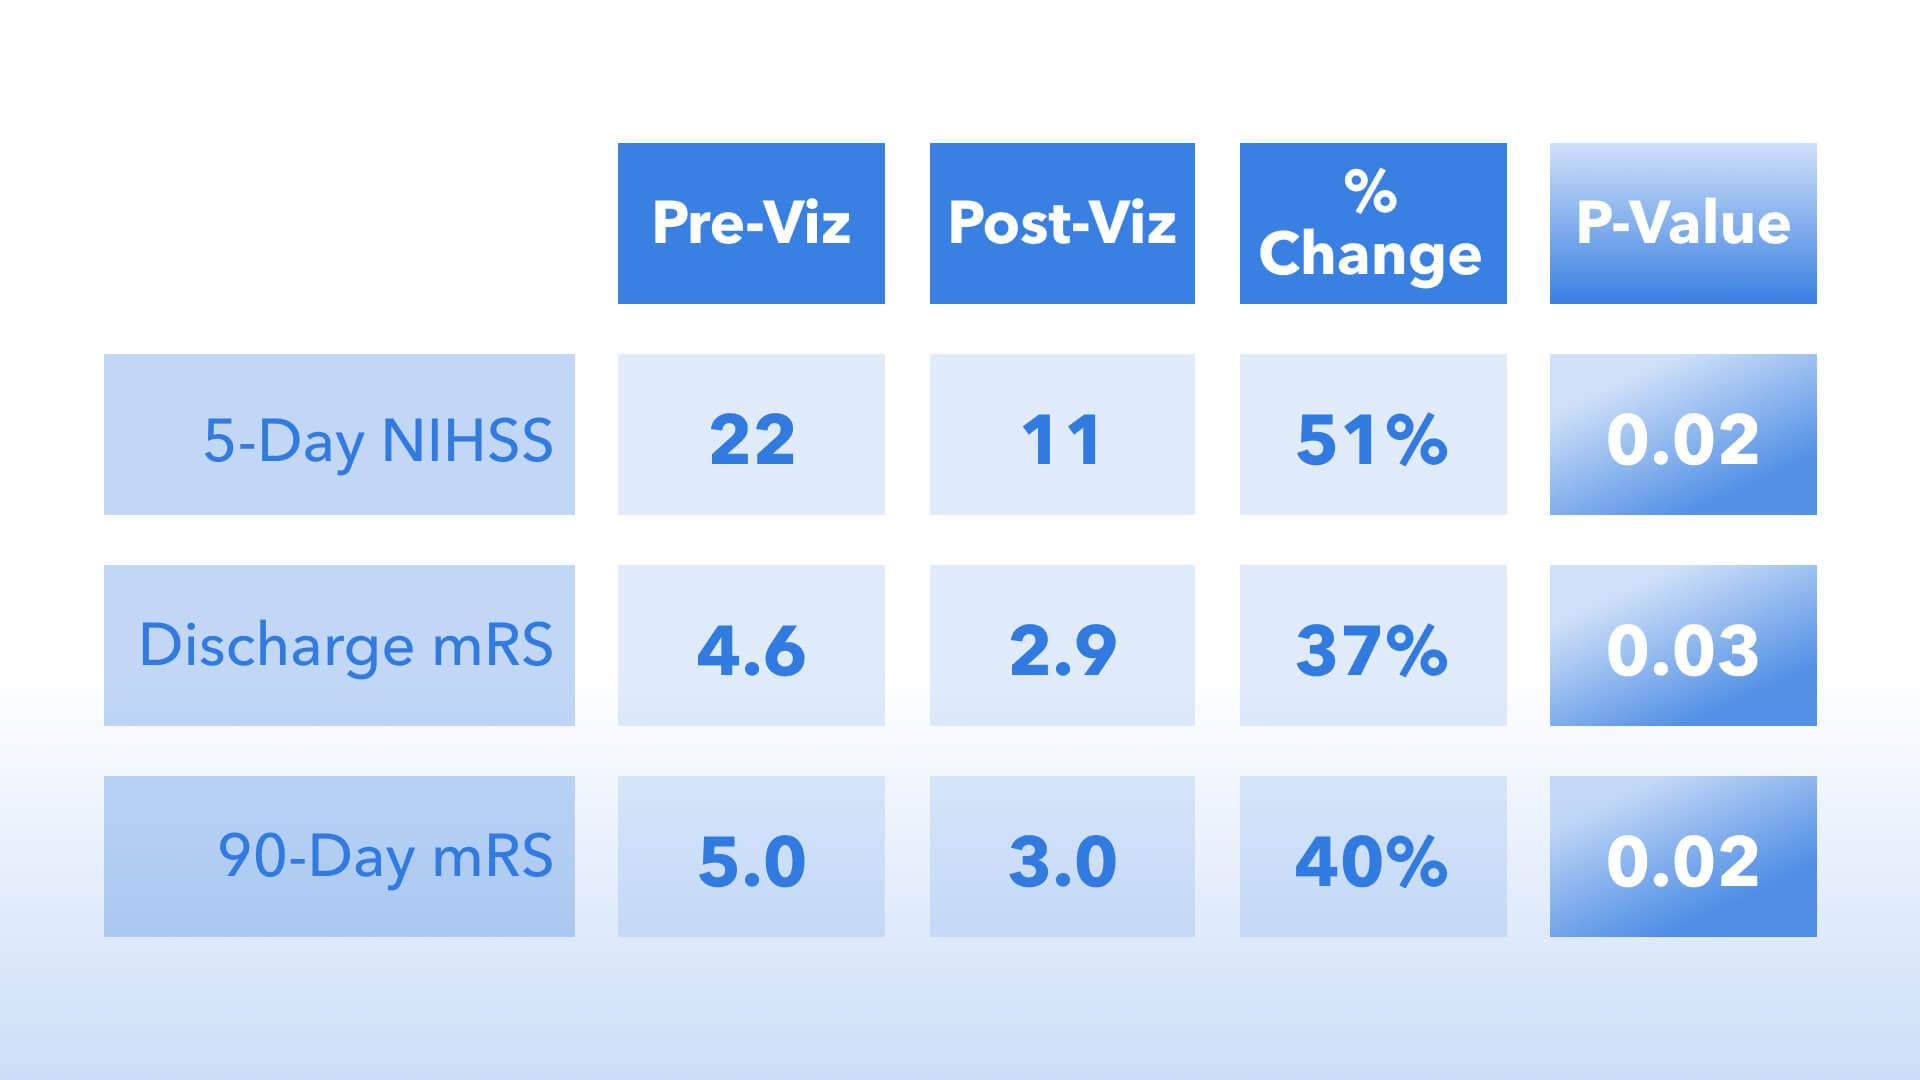 Viz's Impact at Mount Sinai Medical Center